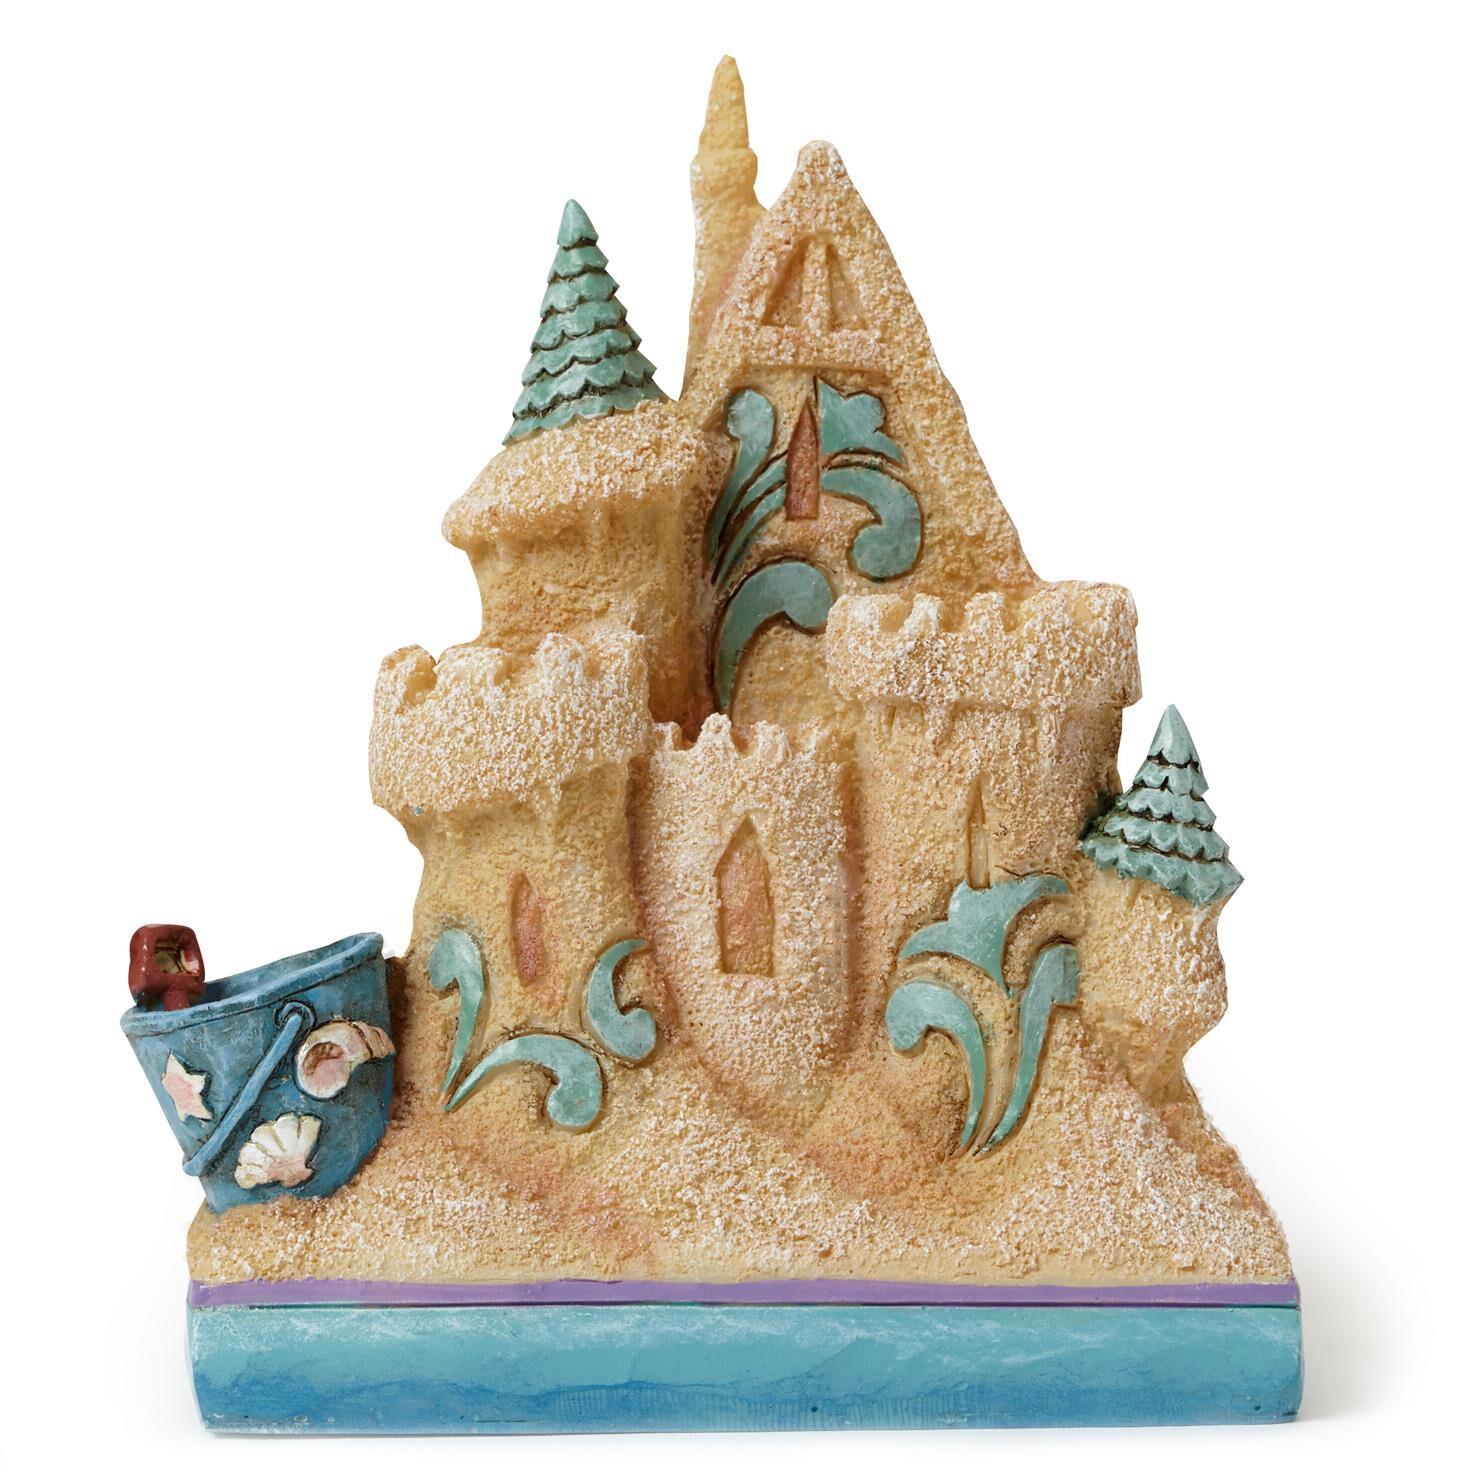 Jim shore mini sandcastle figurine figurines hallmark for Shore house decor